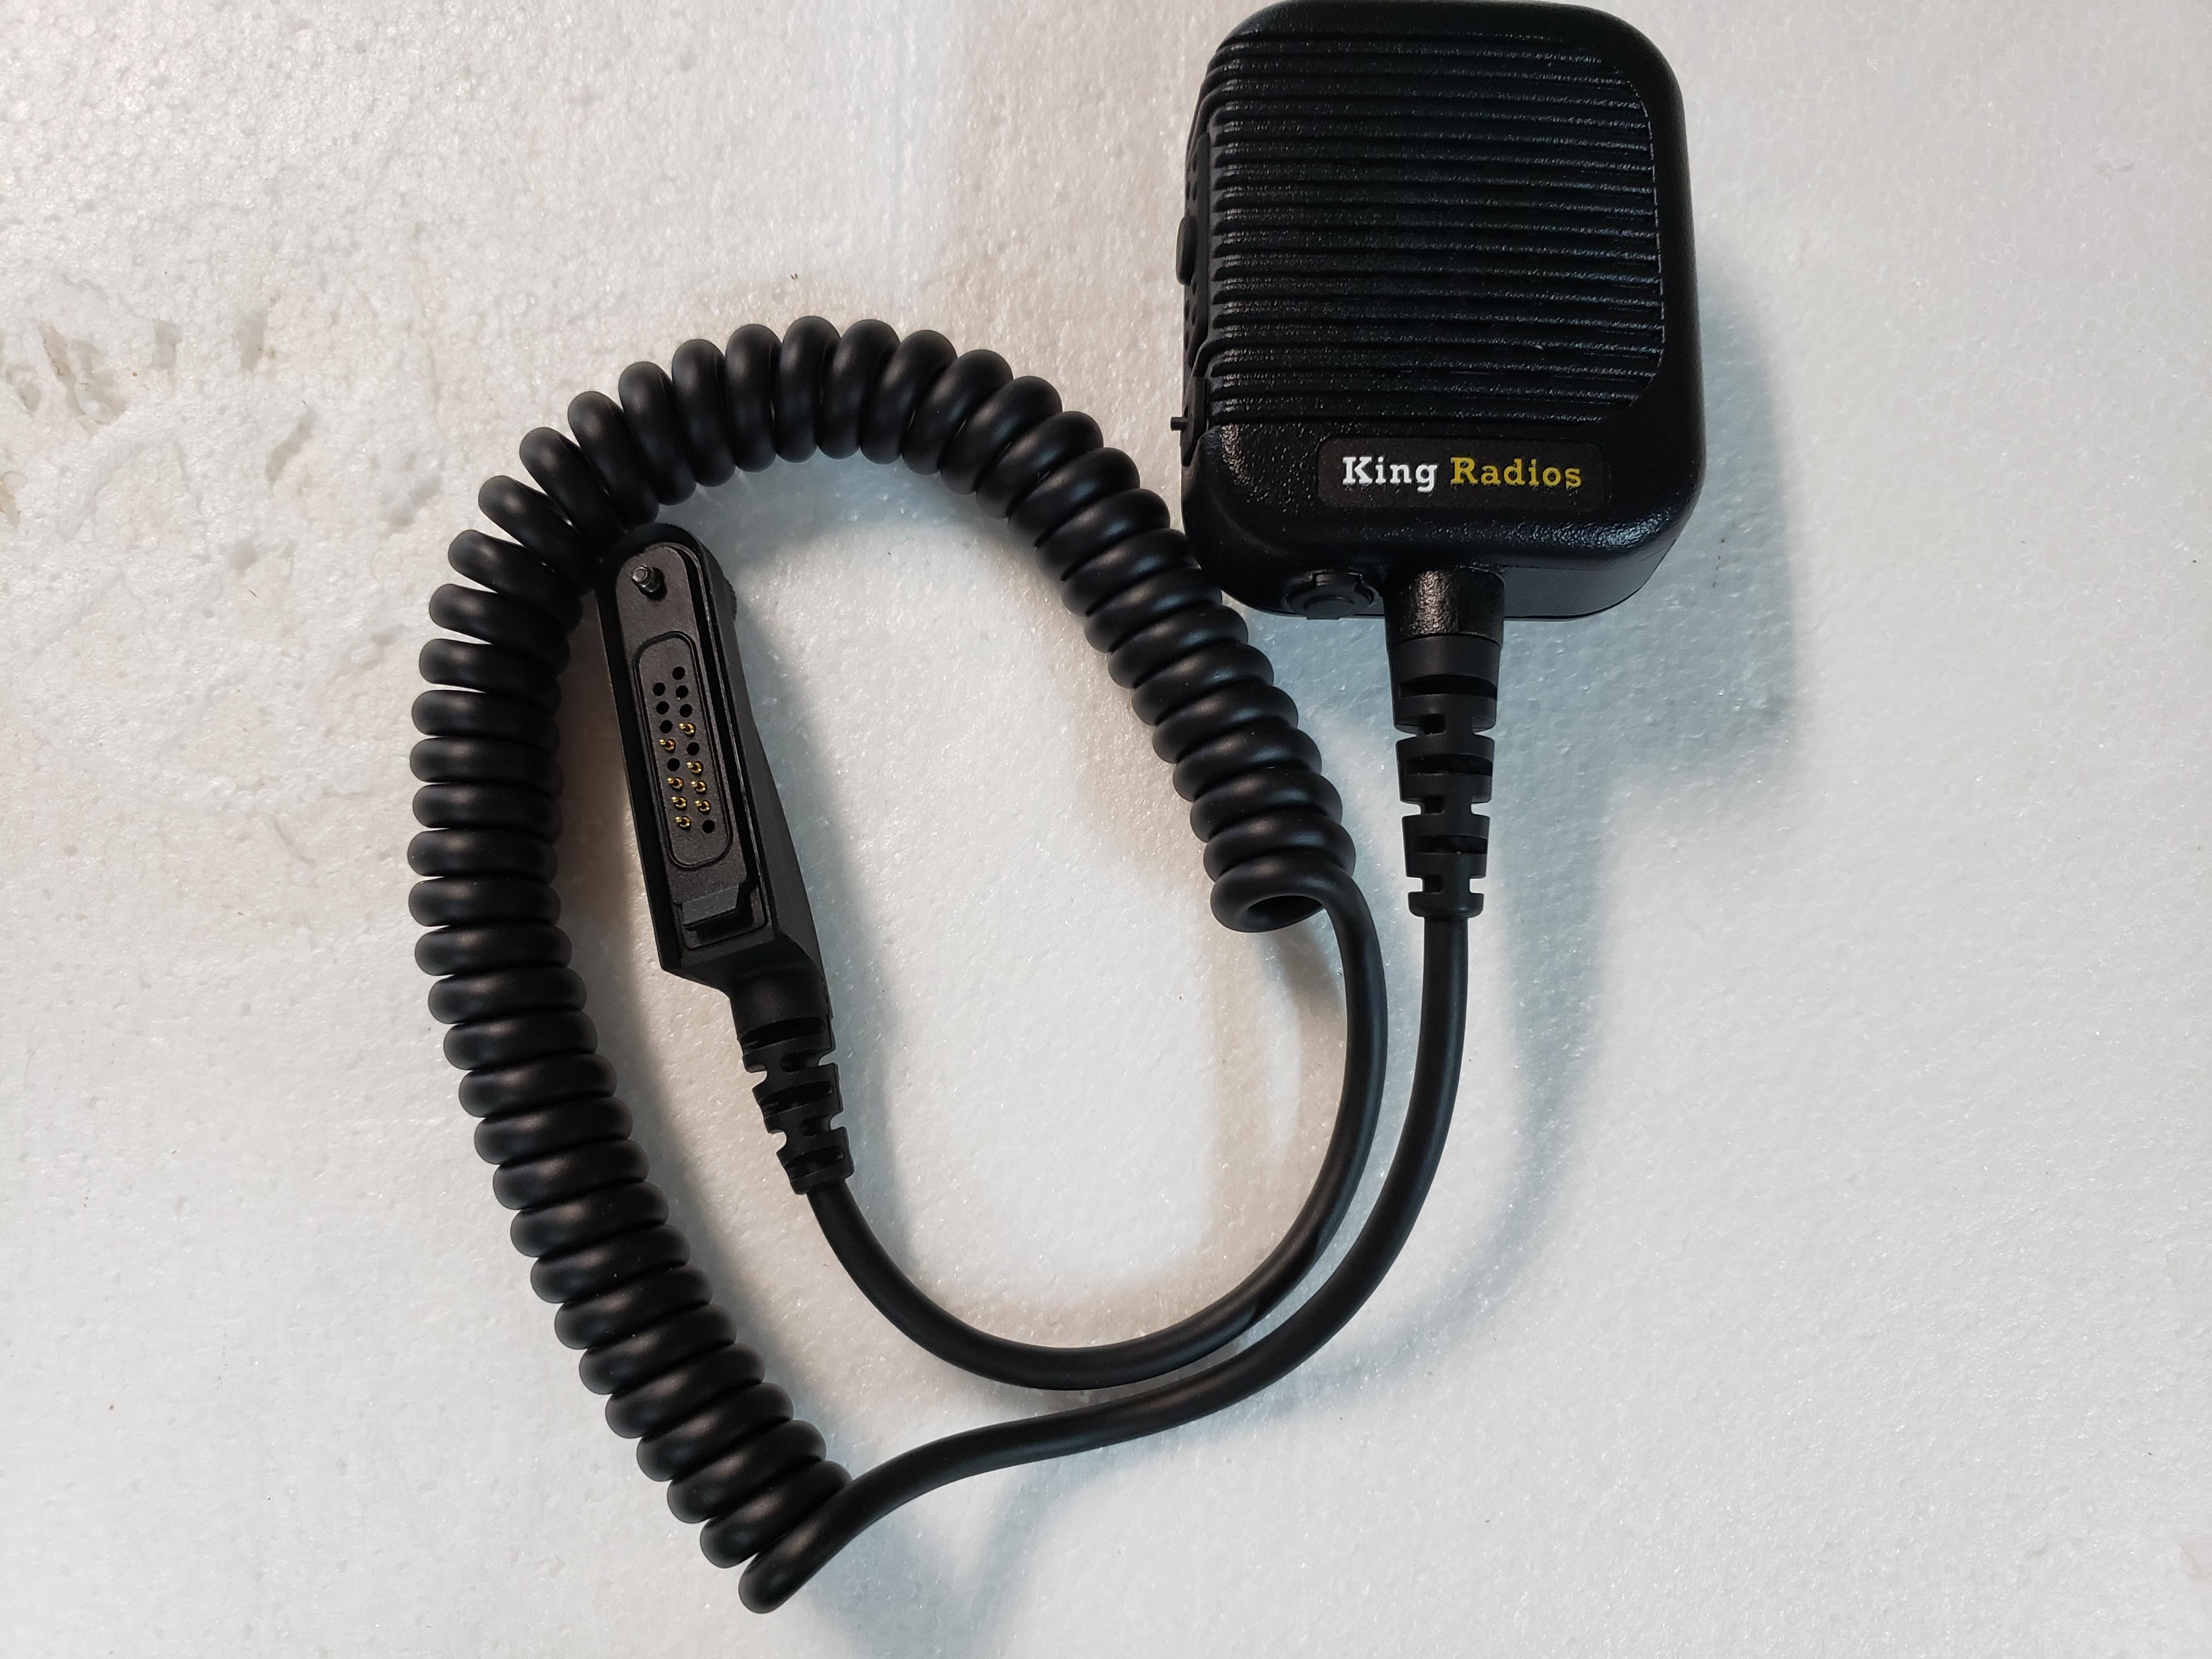 K1 Heavy Duty Speaker Mic